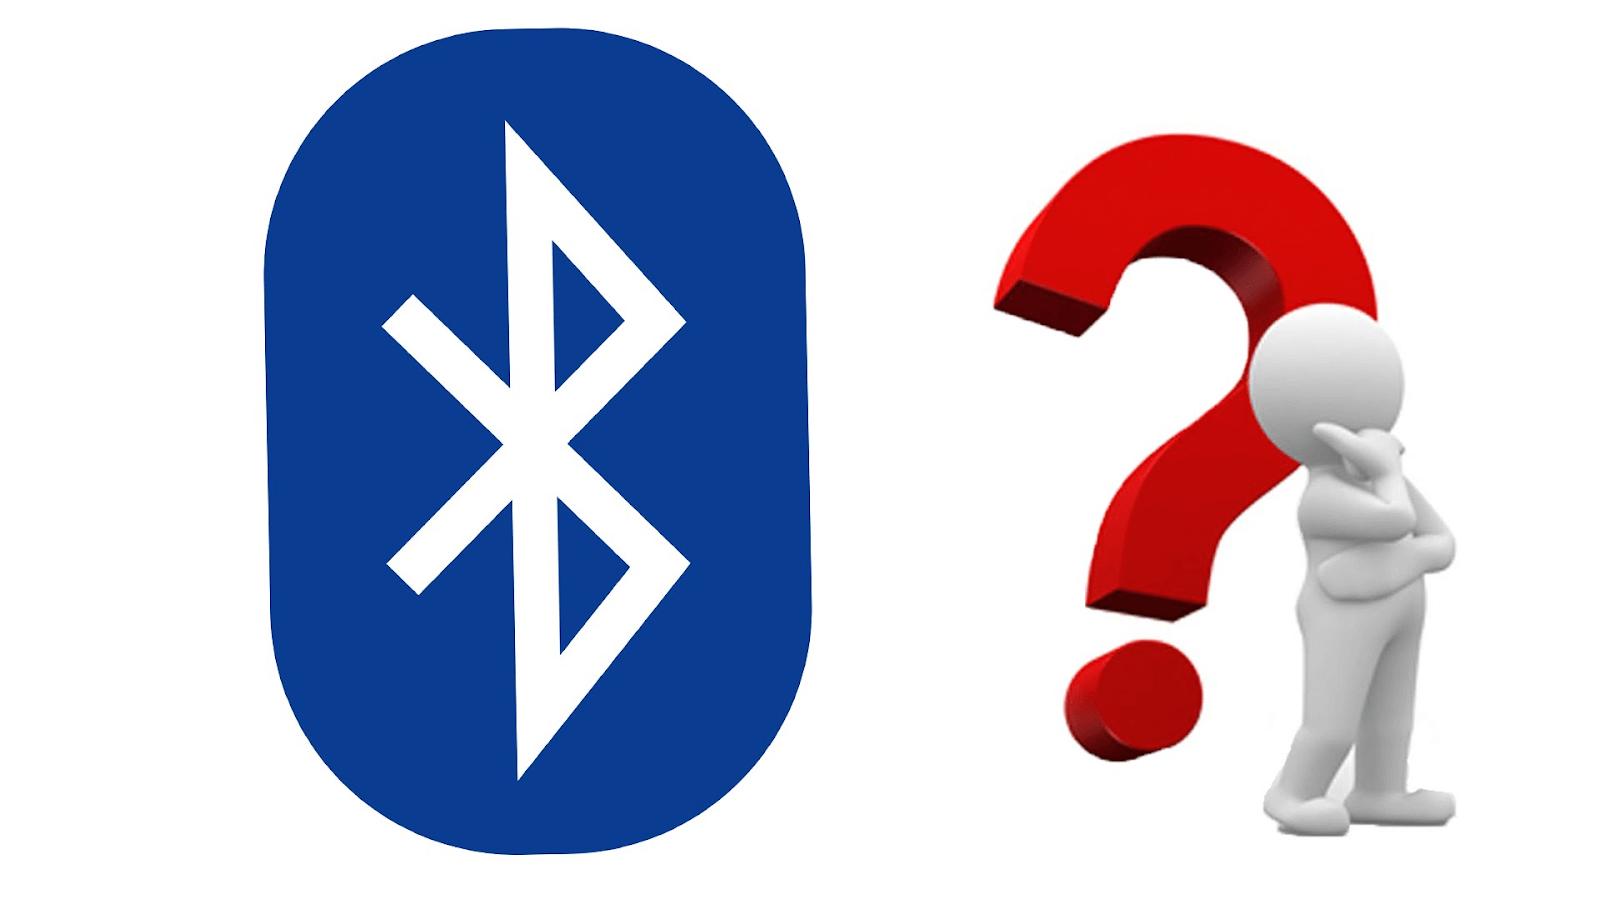 Điện thoại Vivo gặp sự cố kết nối với Bluetooth